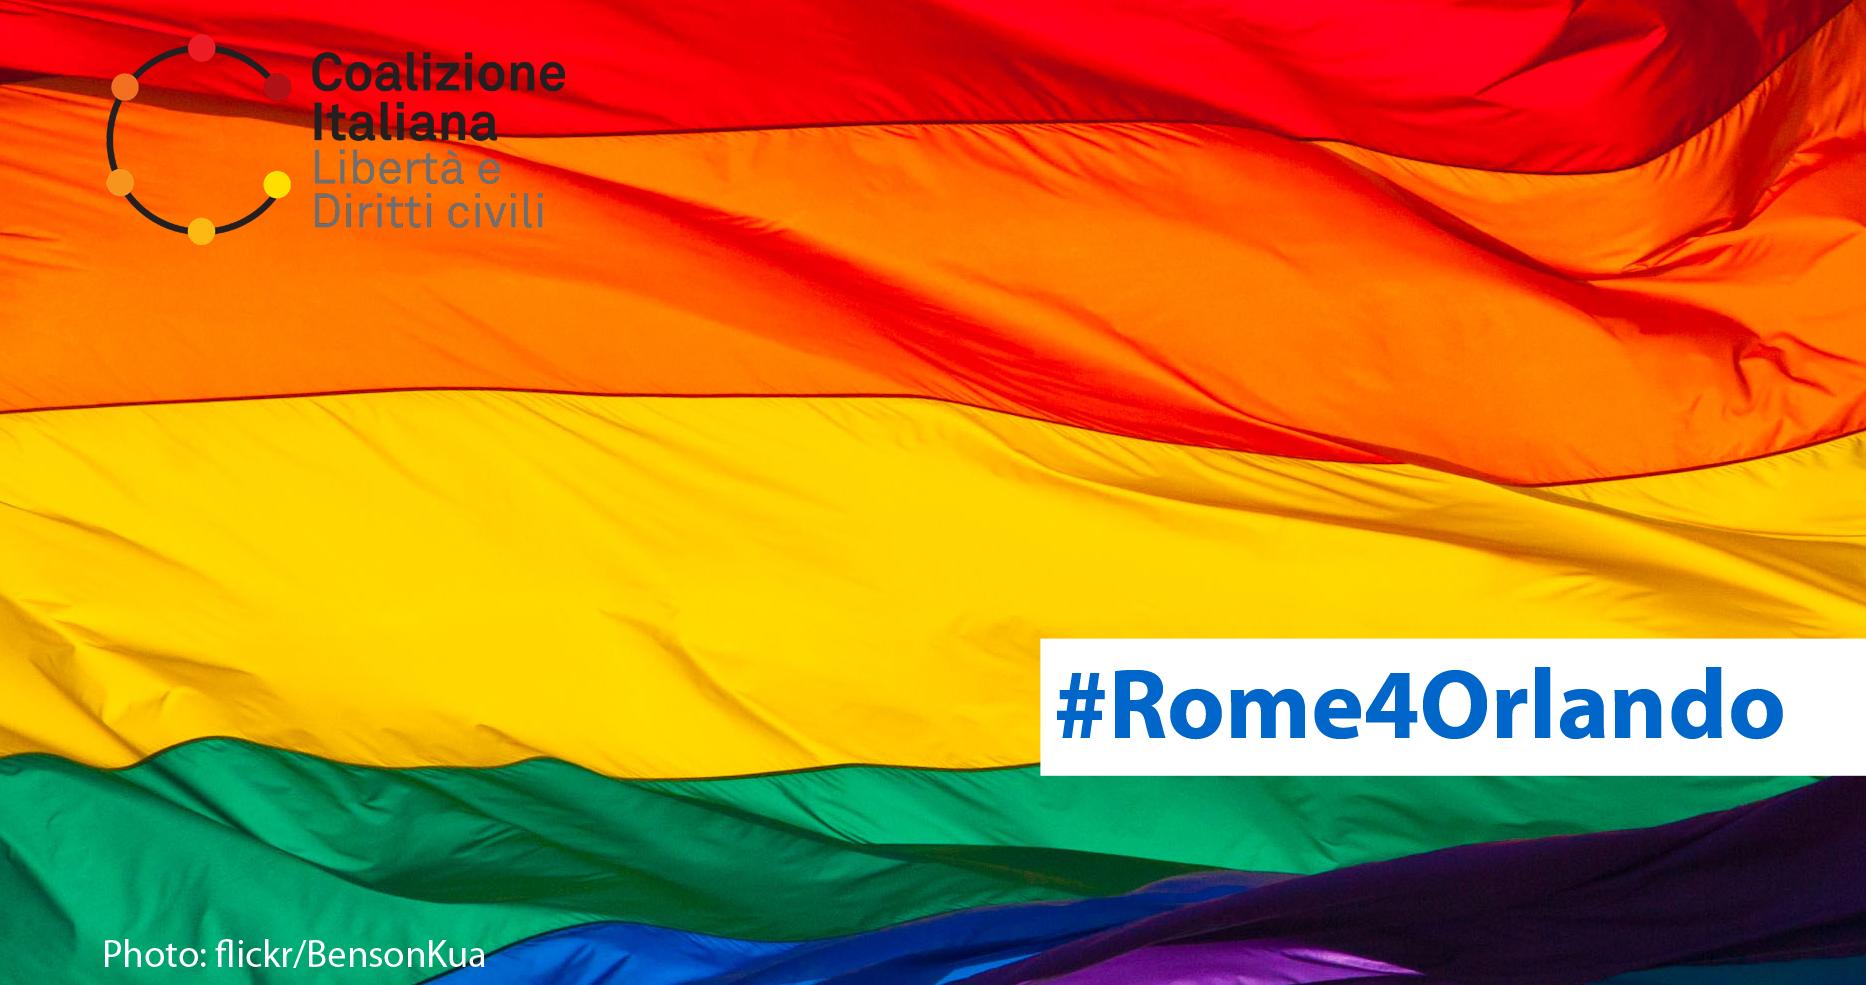 #Rome4Orlando: sit-in in solidarietà con la comunità LGBTI